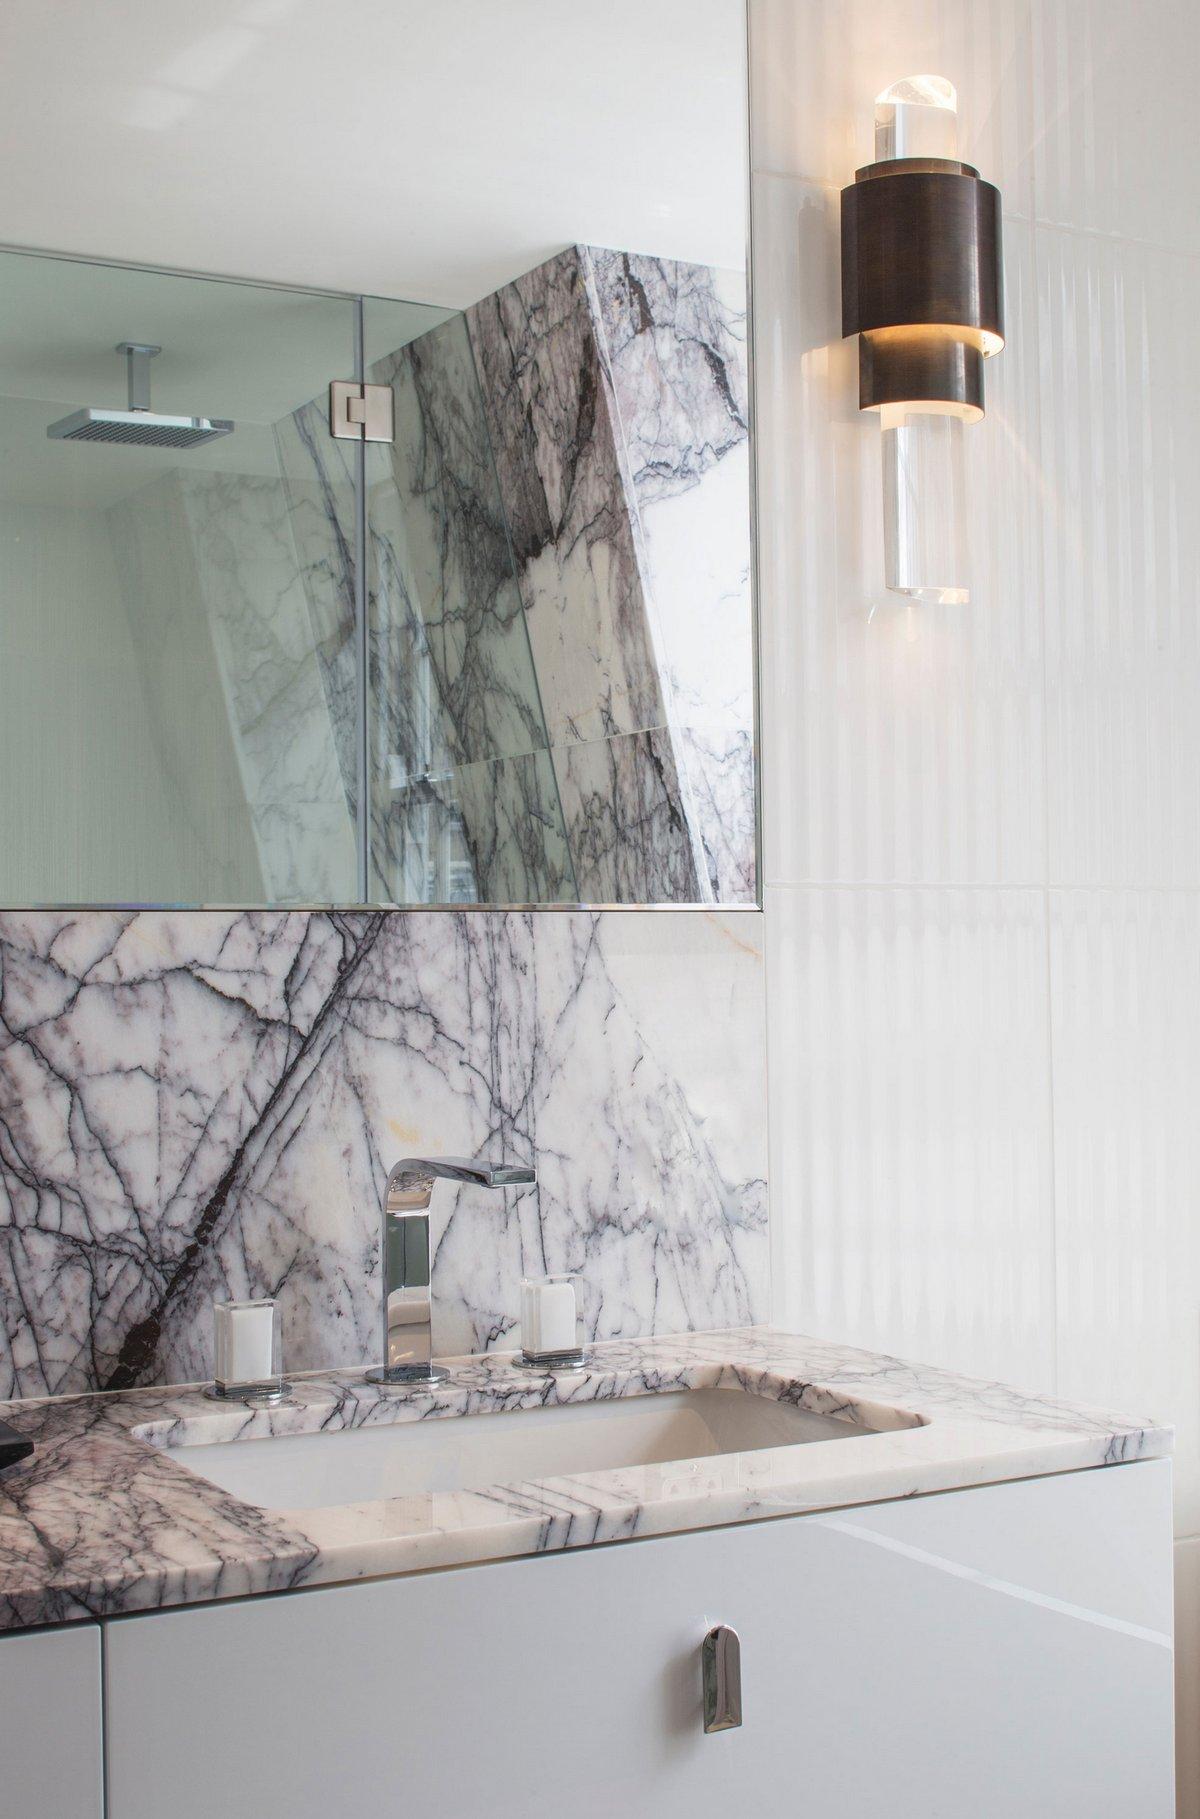 Eaton Mews North, Roselind Wilson Design, дома в районе Белгравия, элитные дома в Белгравии, особняки в Лондоне, интерьер в серых тонах, элитный интерьер